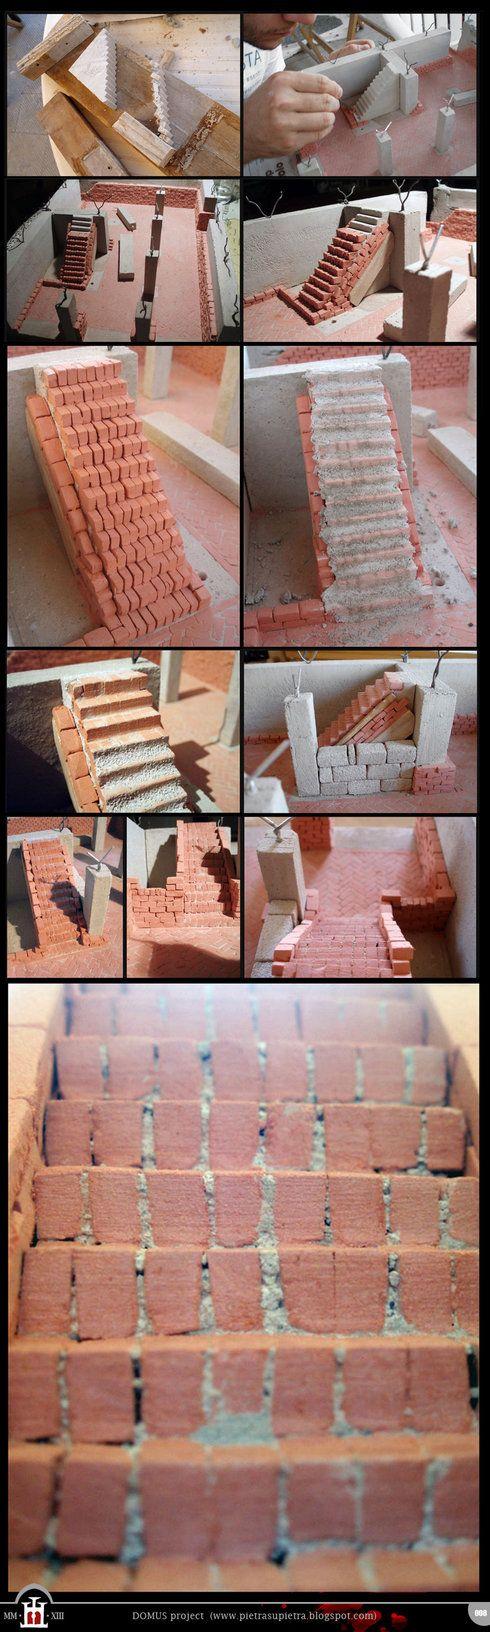 Escadas com mini tijolos. By Werneiro Deviant art.